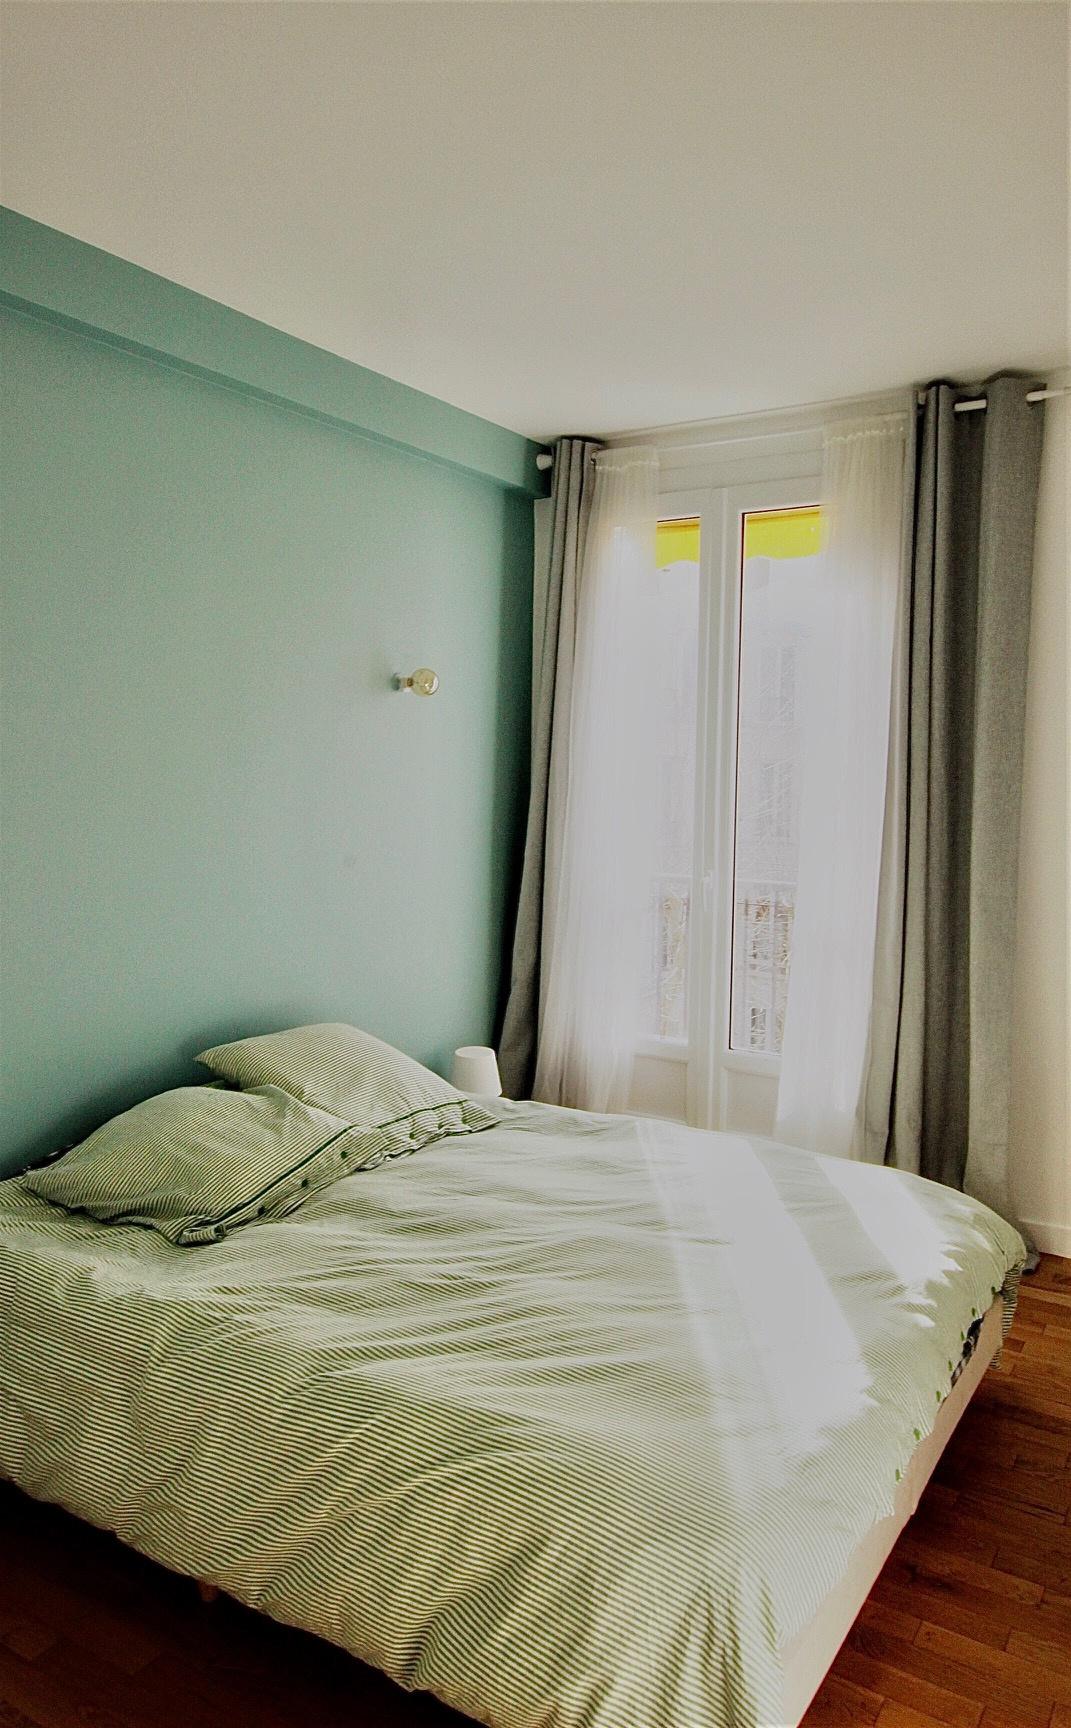 A louer appartement 3 pièces refait à neuf avec vue sur seine